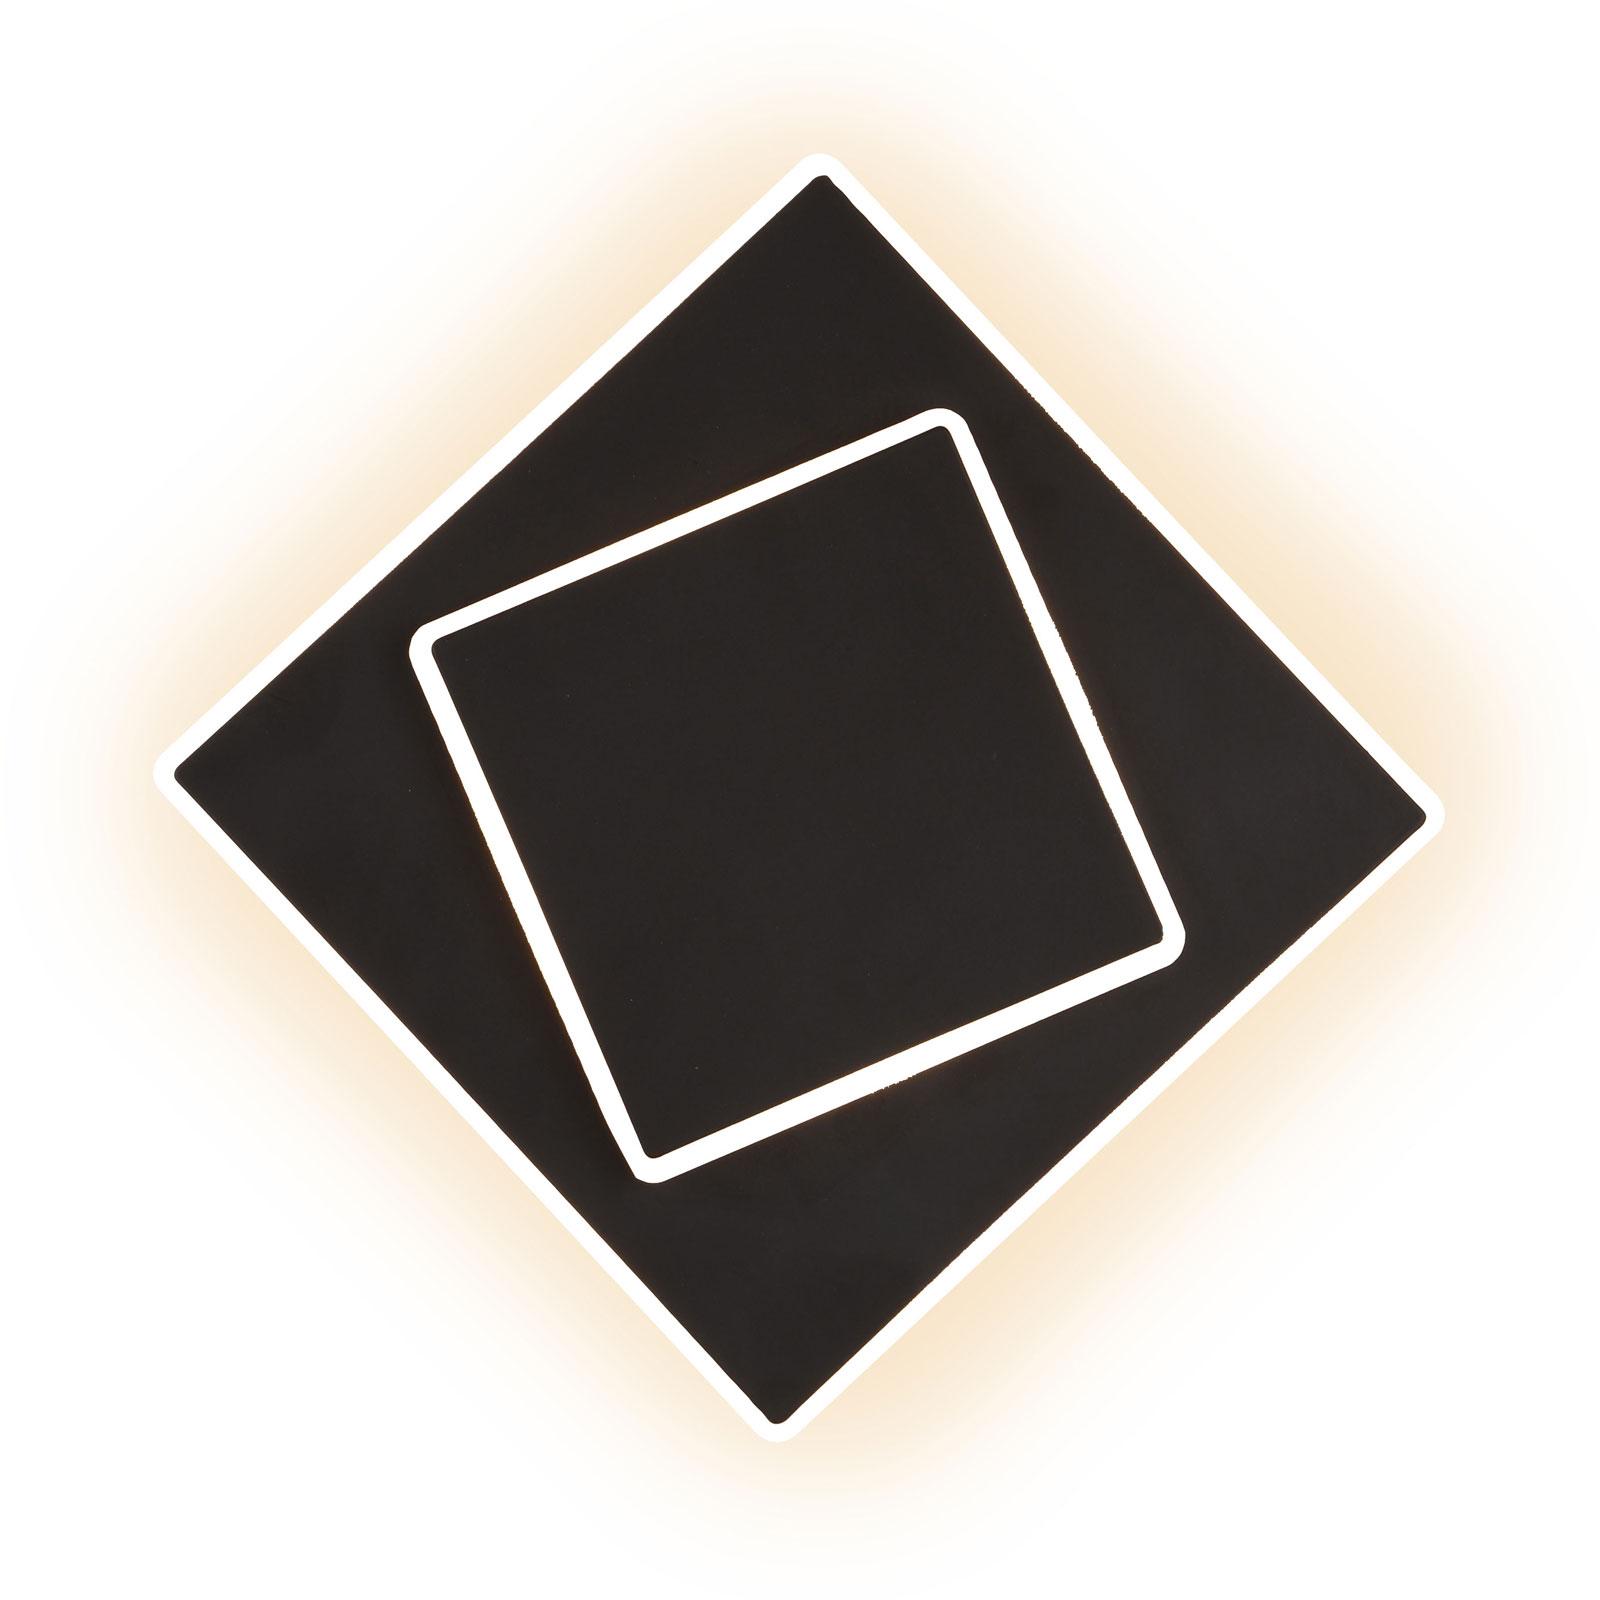 LED wandlamp Dakla, zwart, 18x18 cm